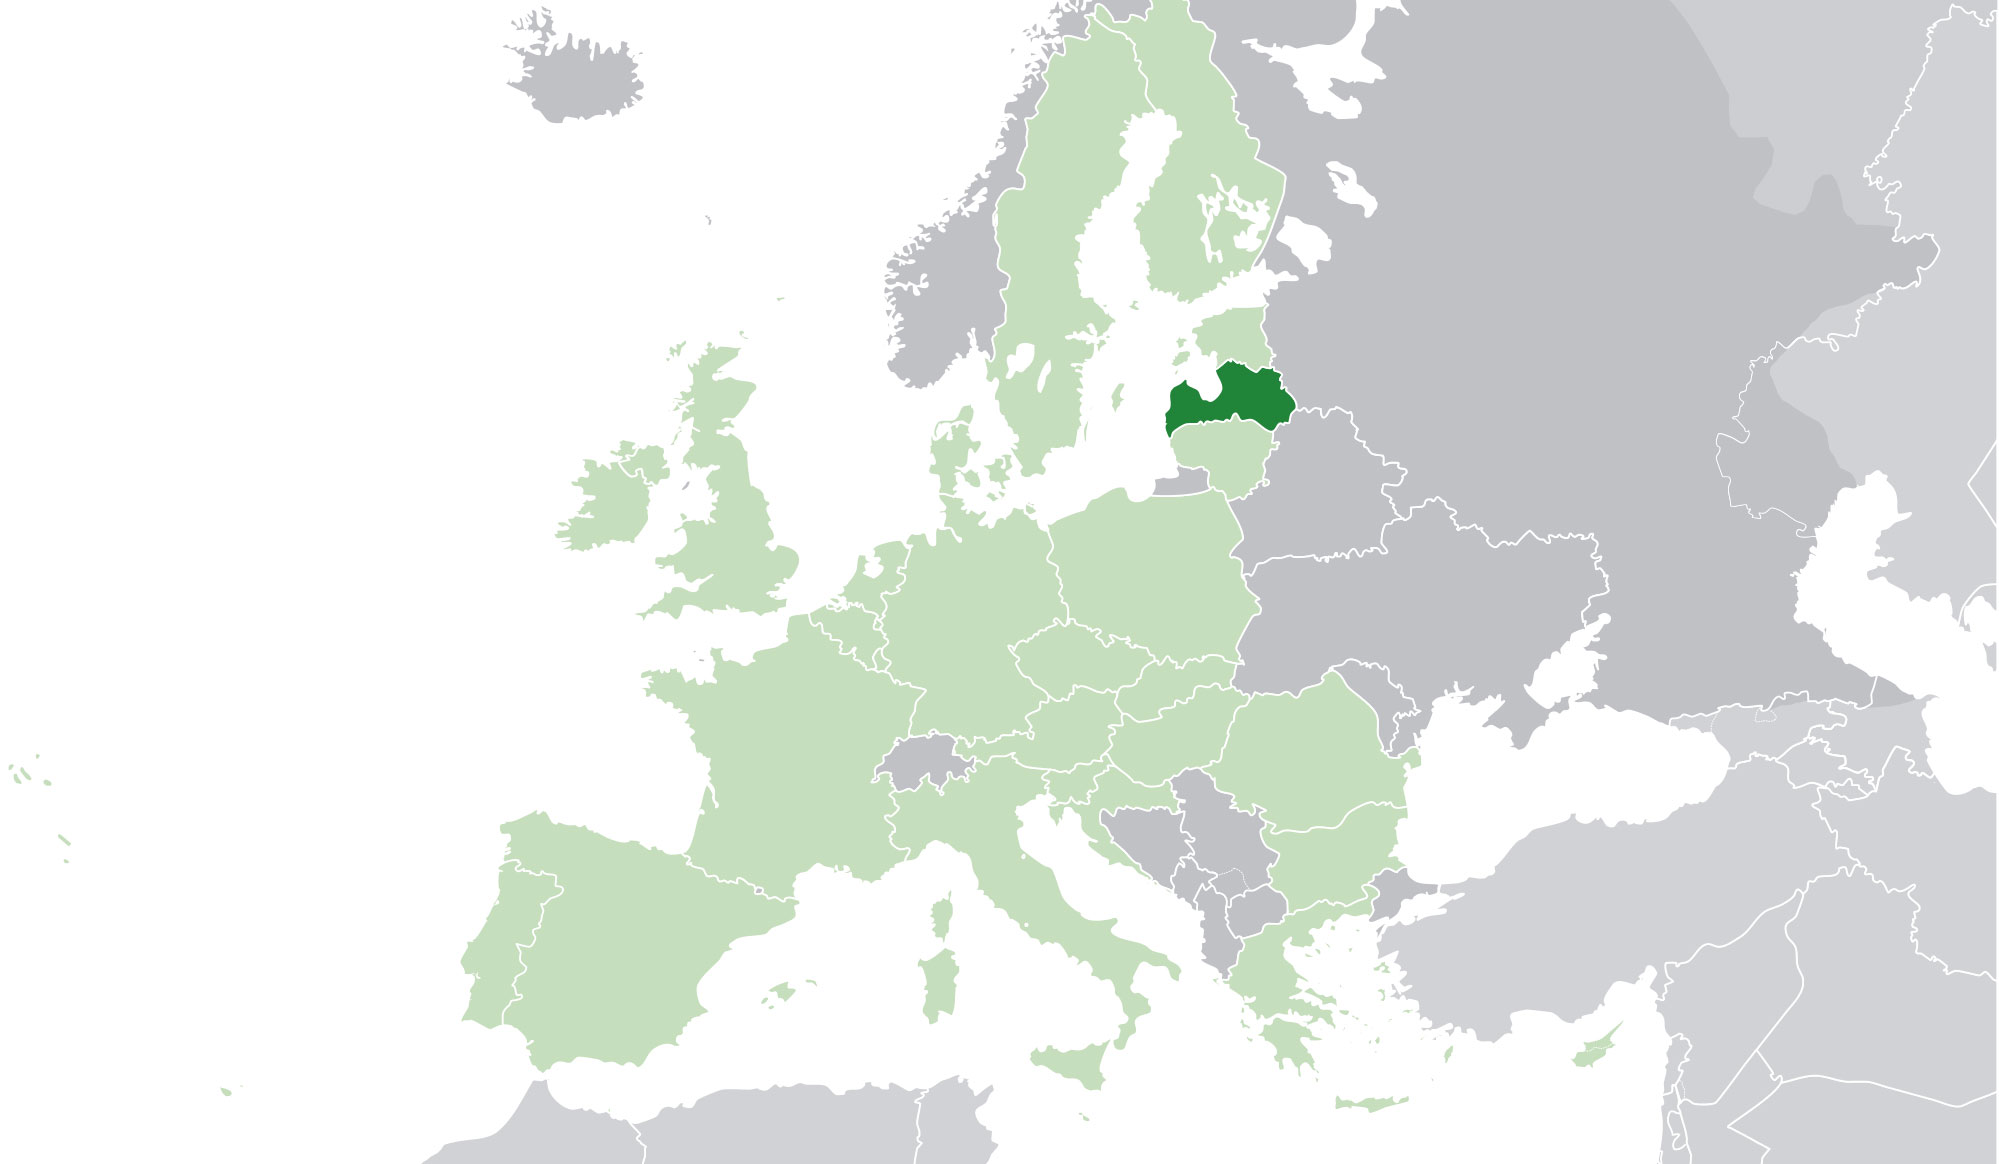 Localización geográfica de Letonia